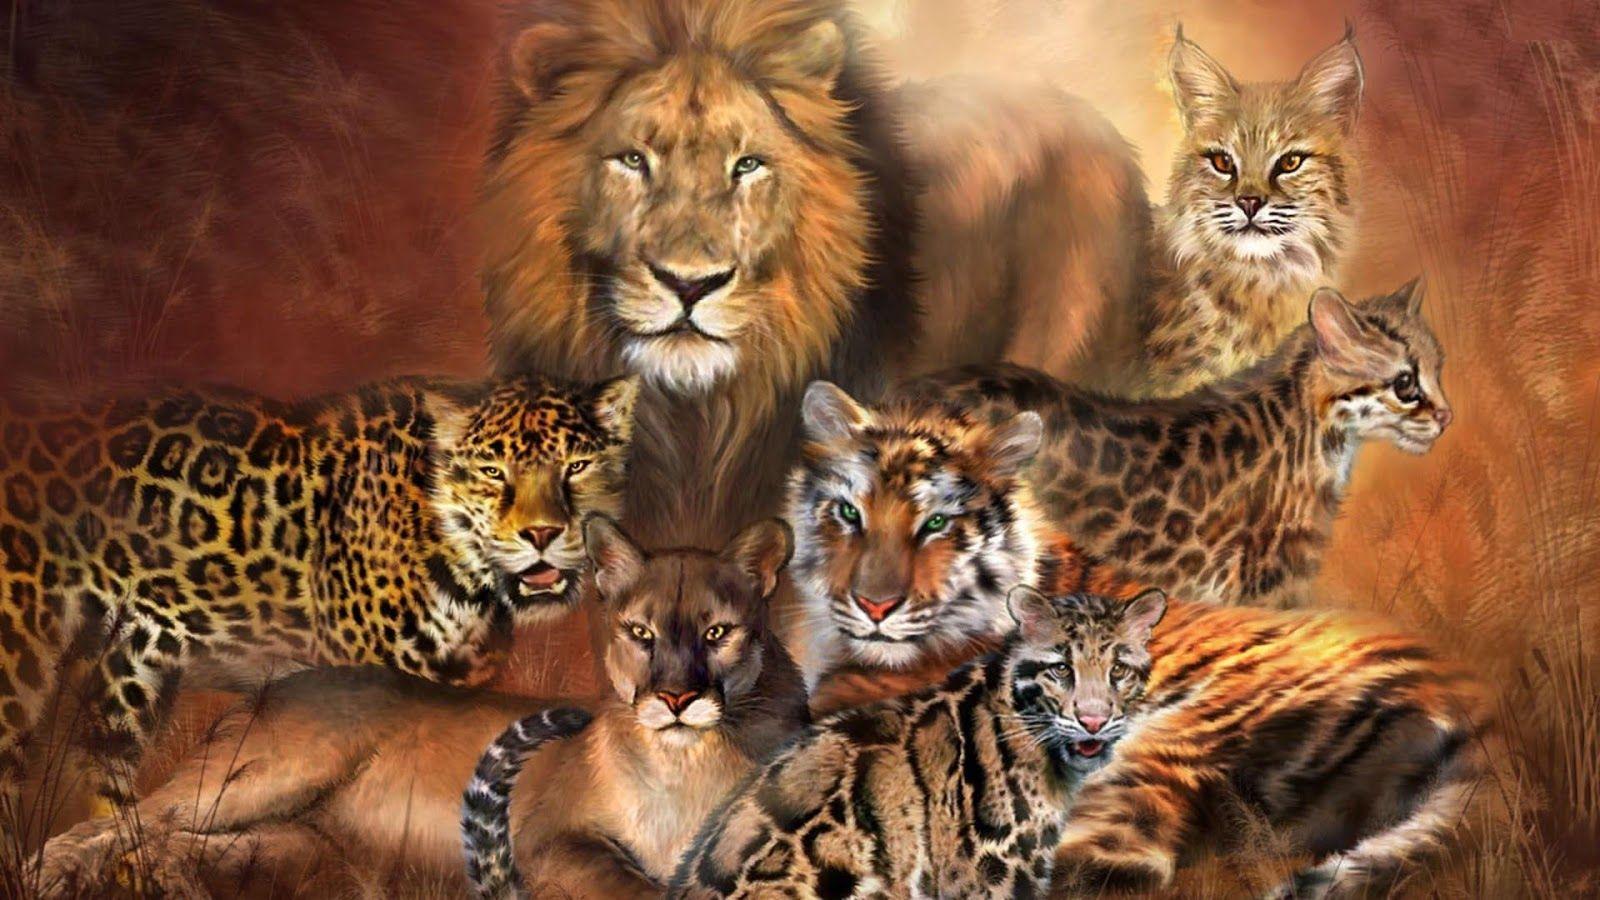 Картинки хищных кошек пантер львов тигров одной прекрасной